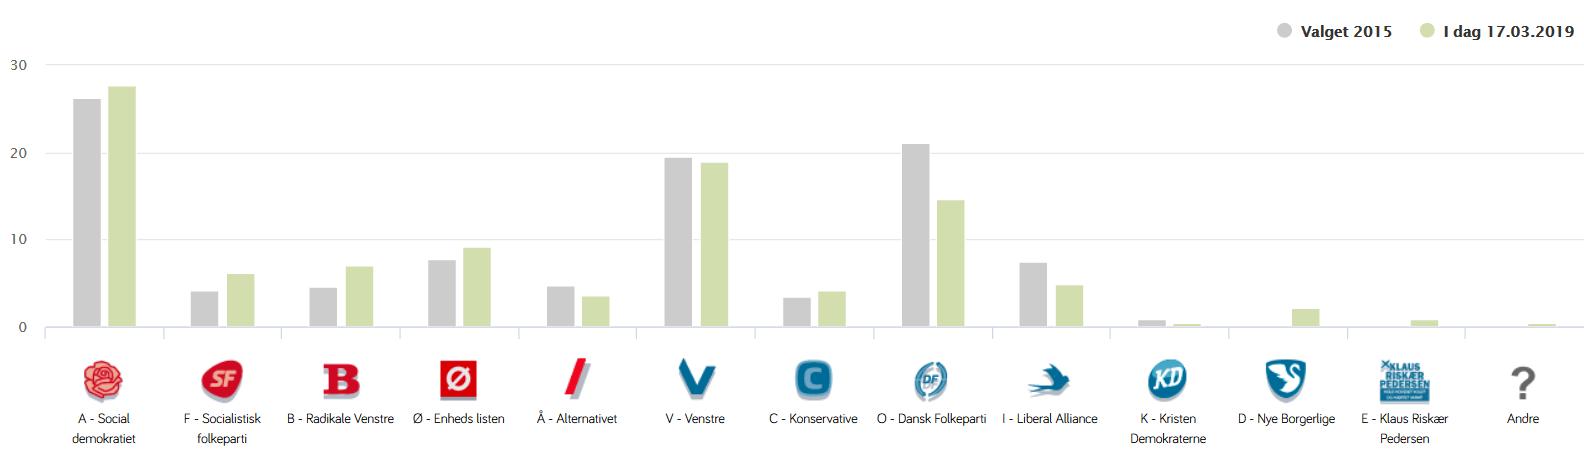 Partisammenligning fra voxmeter.dk 19. marts 2019